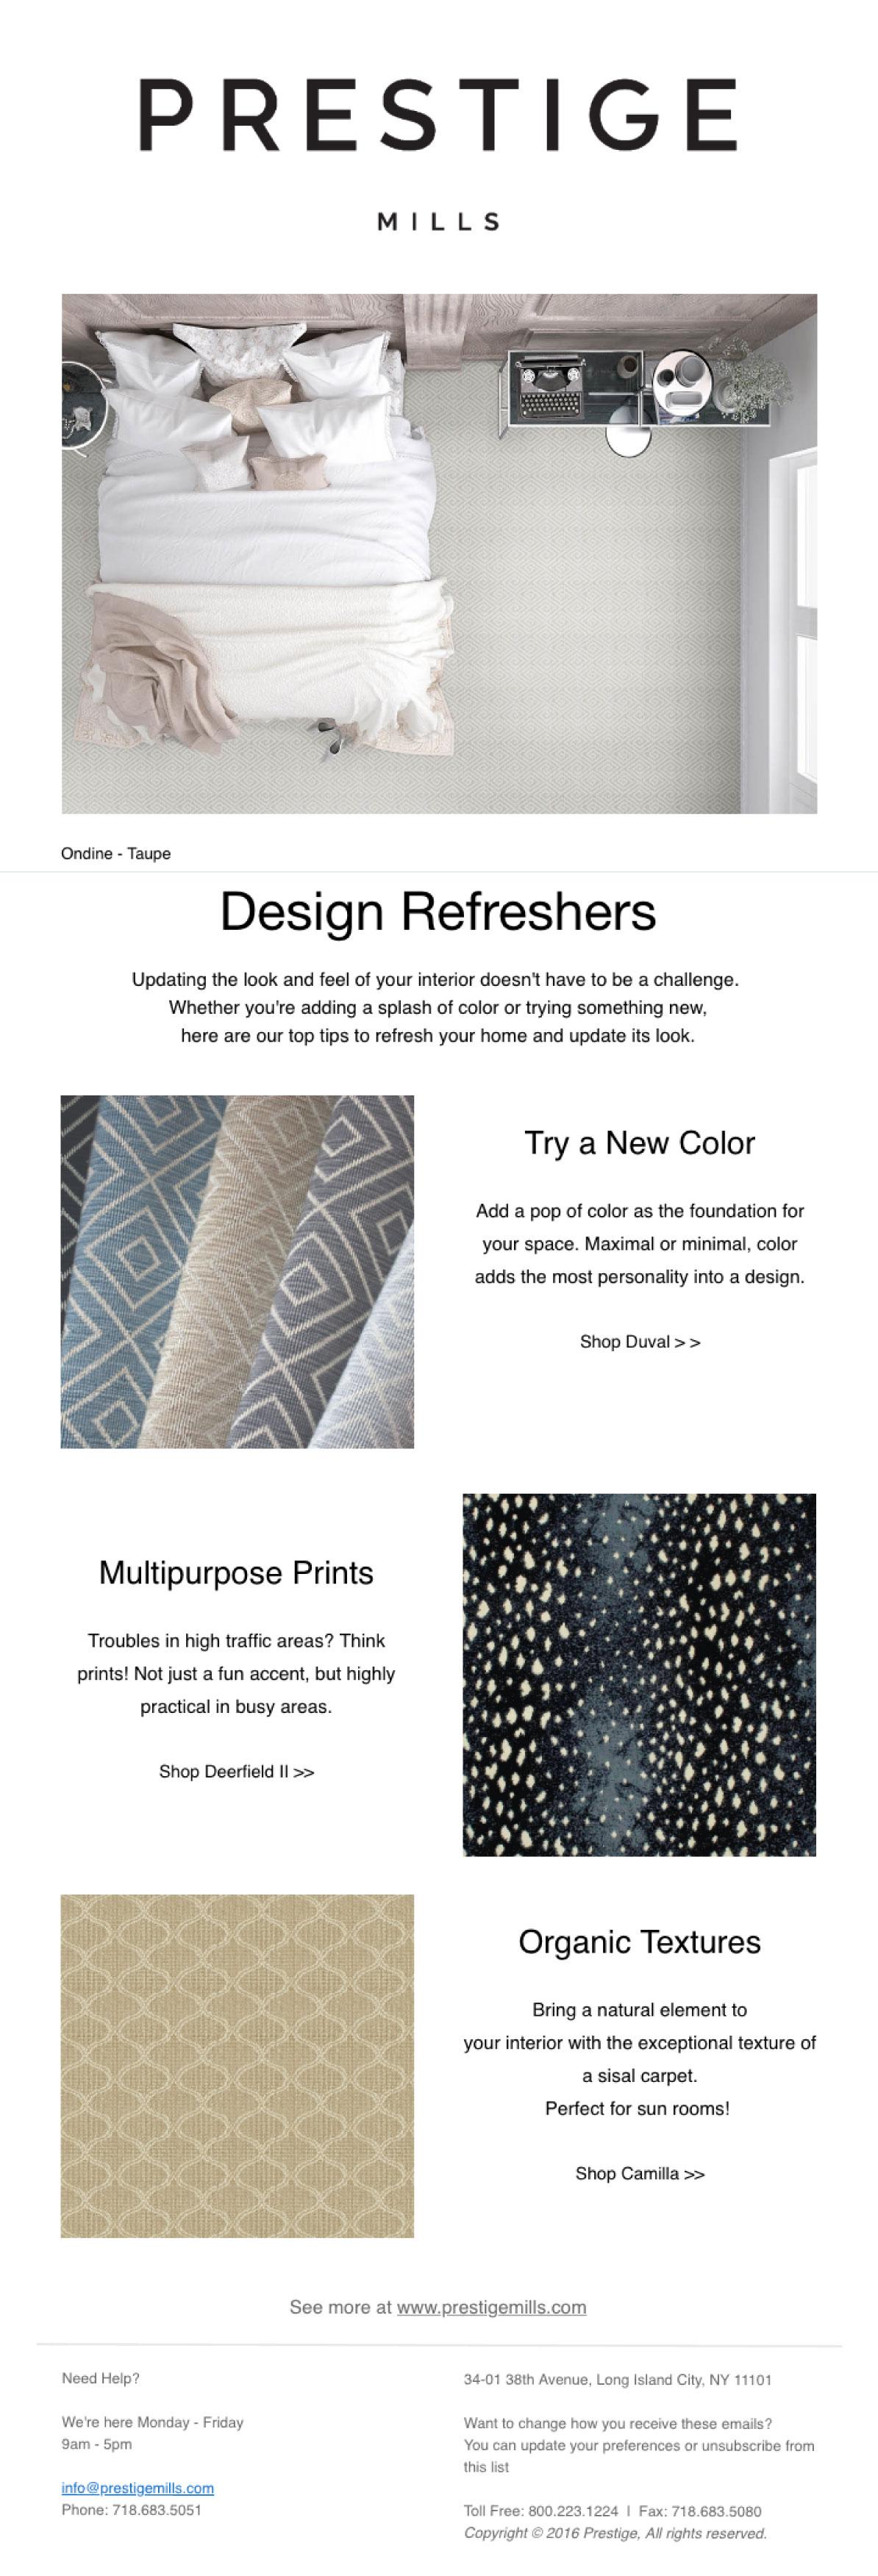 prestige mills Quick & Simple Design Updates